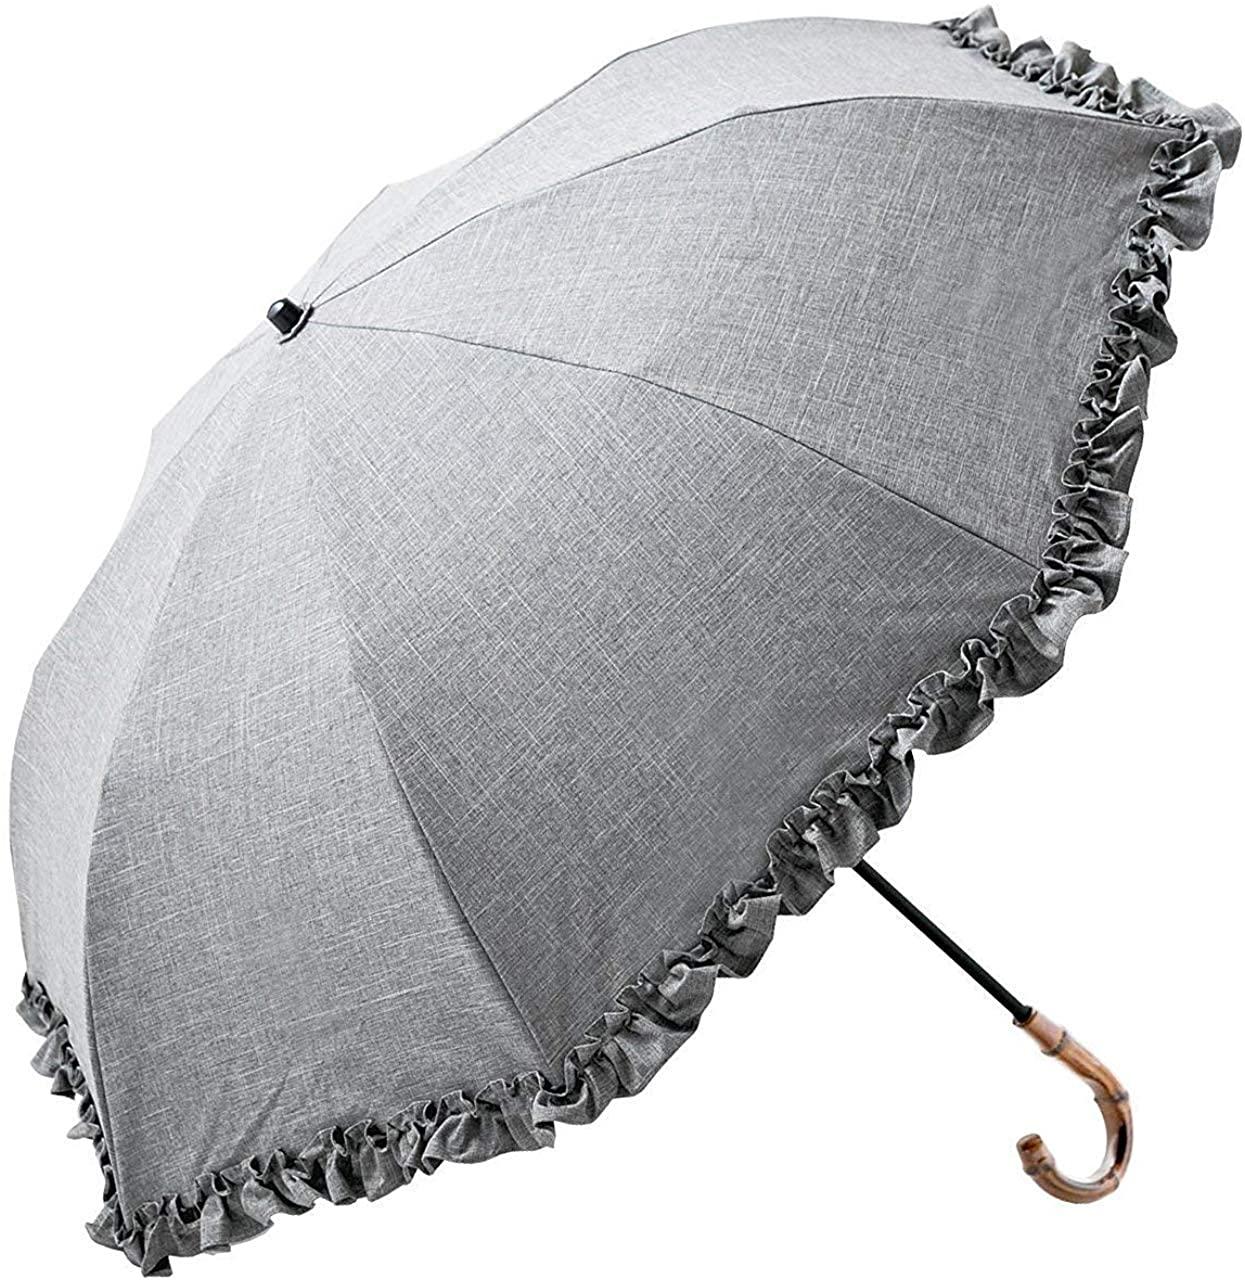 日傘のおすすめ13選!完全遮光タイプも